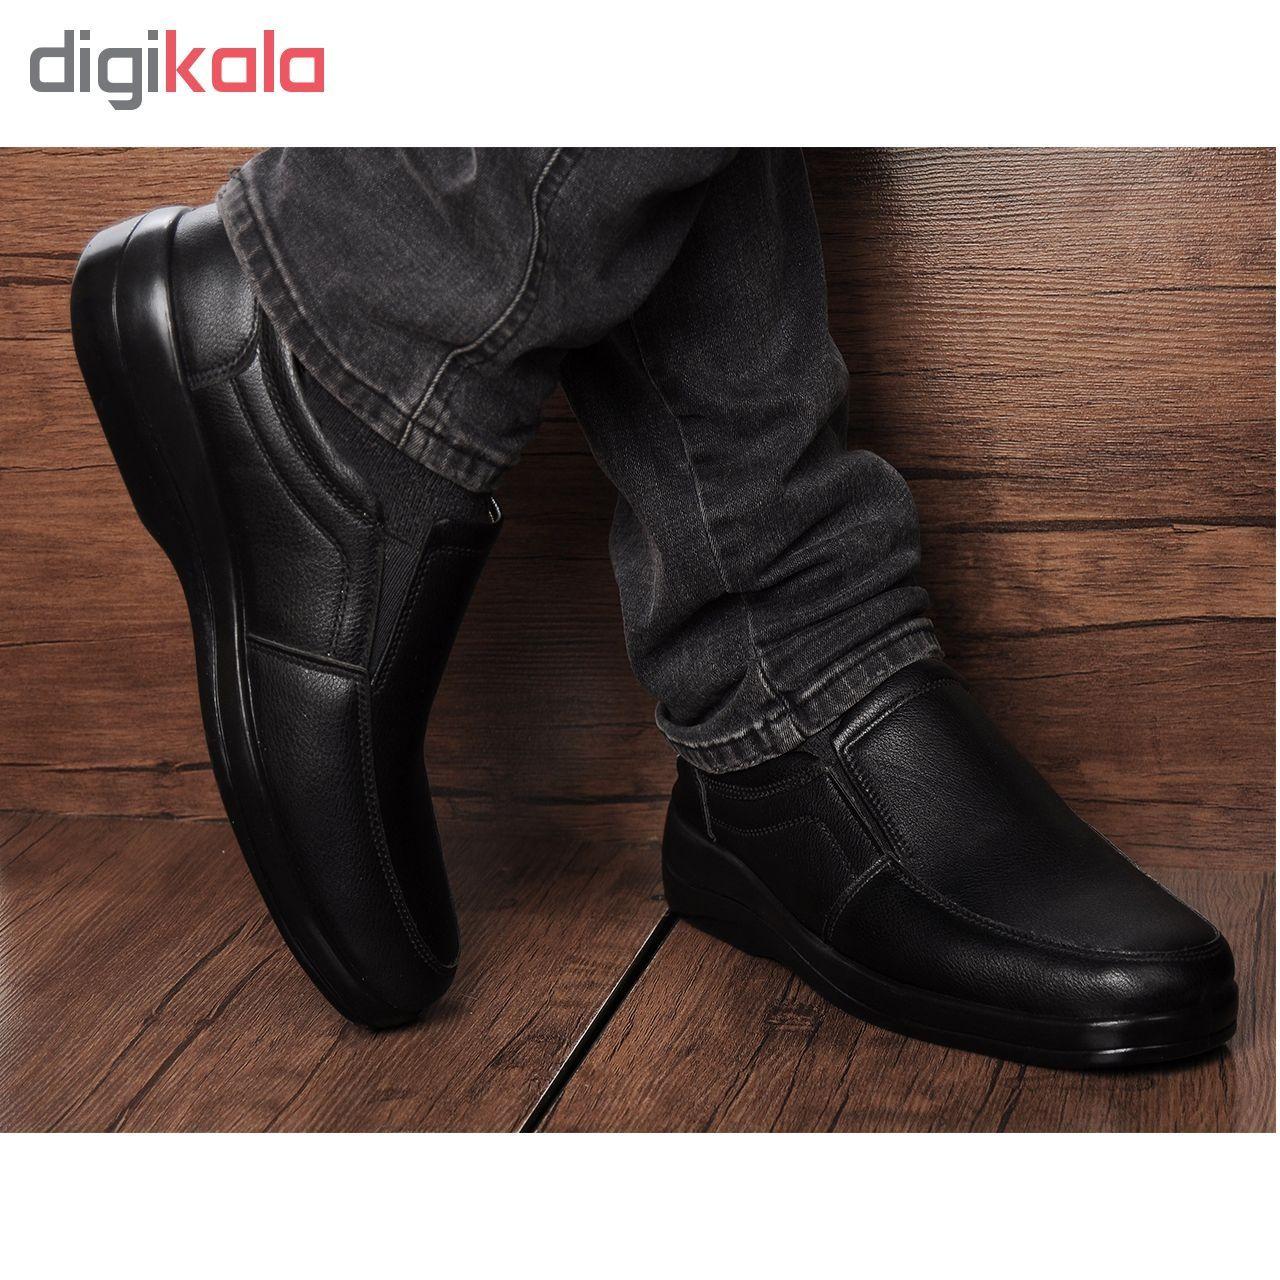 کفش روزمره مردانه کد NG M 2018  main 1 1